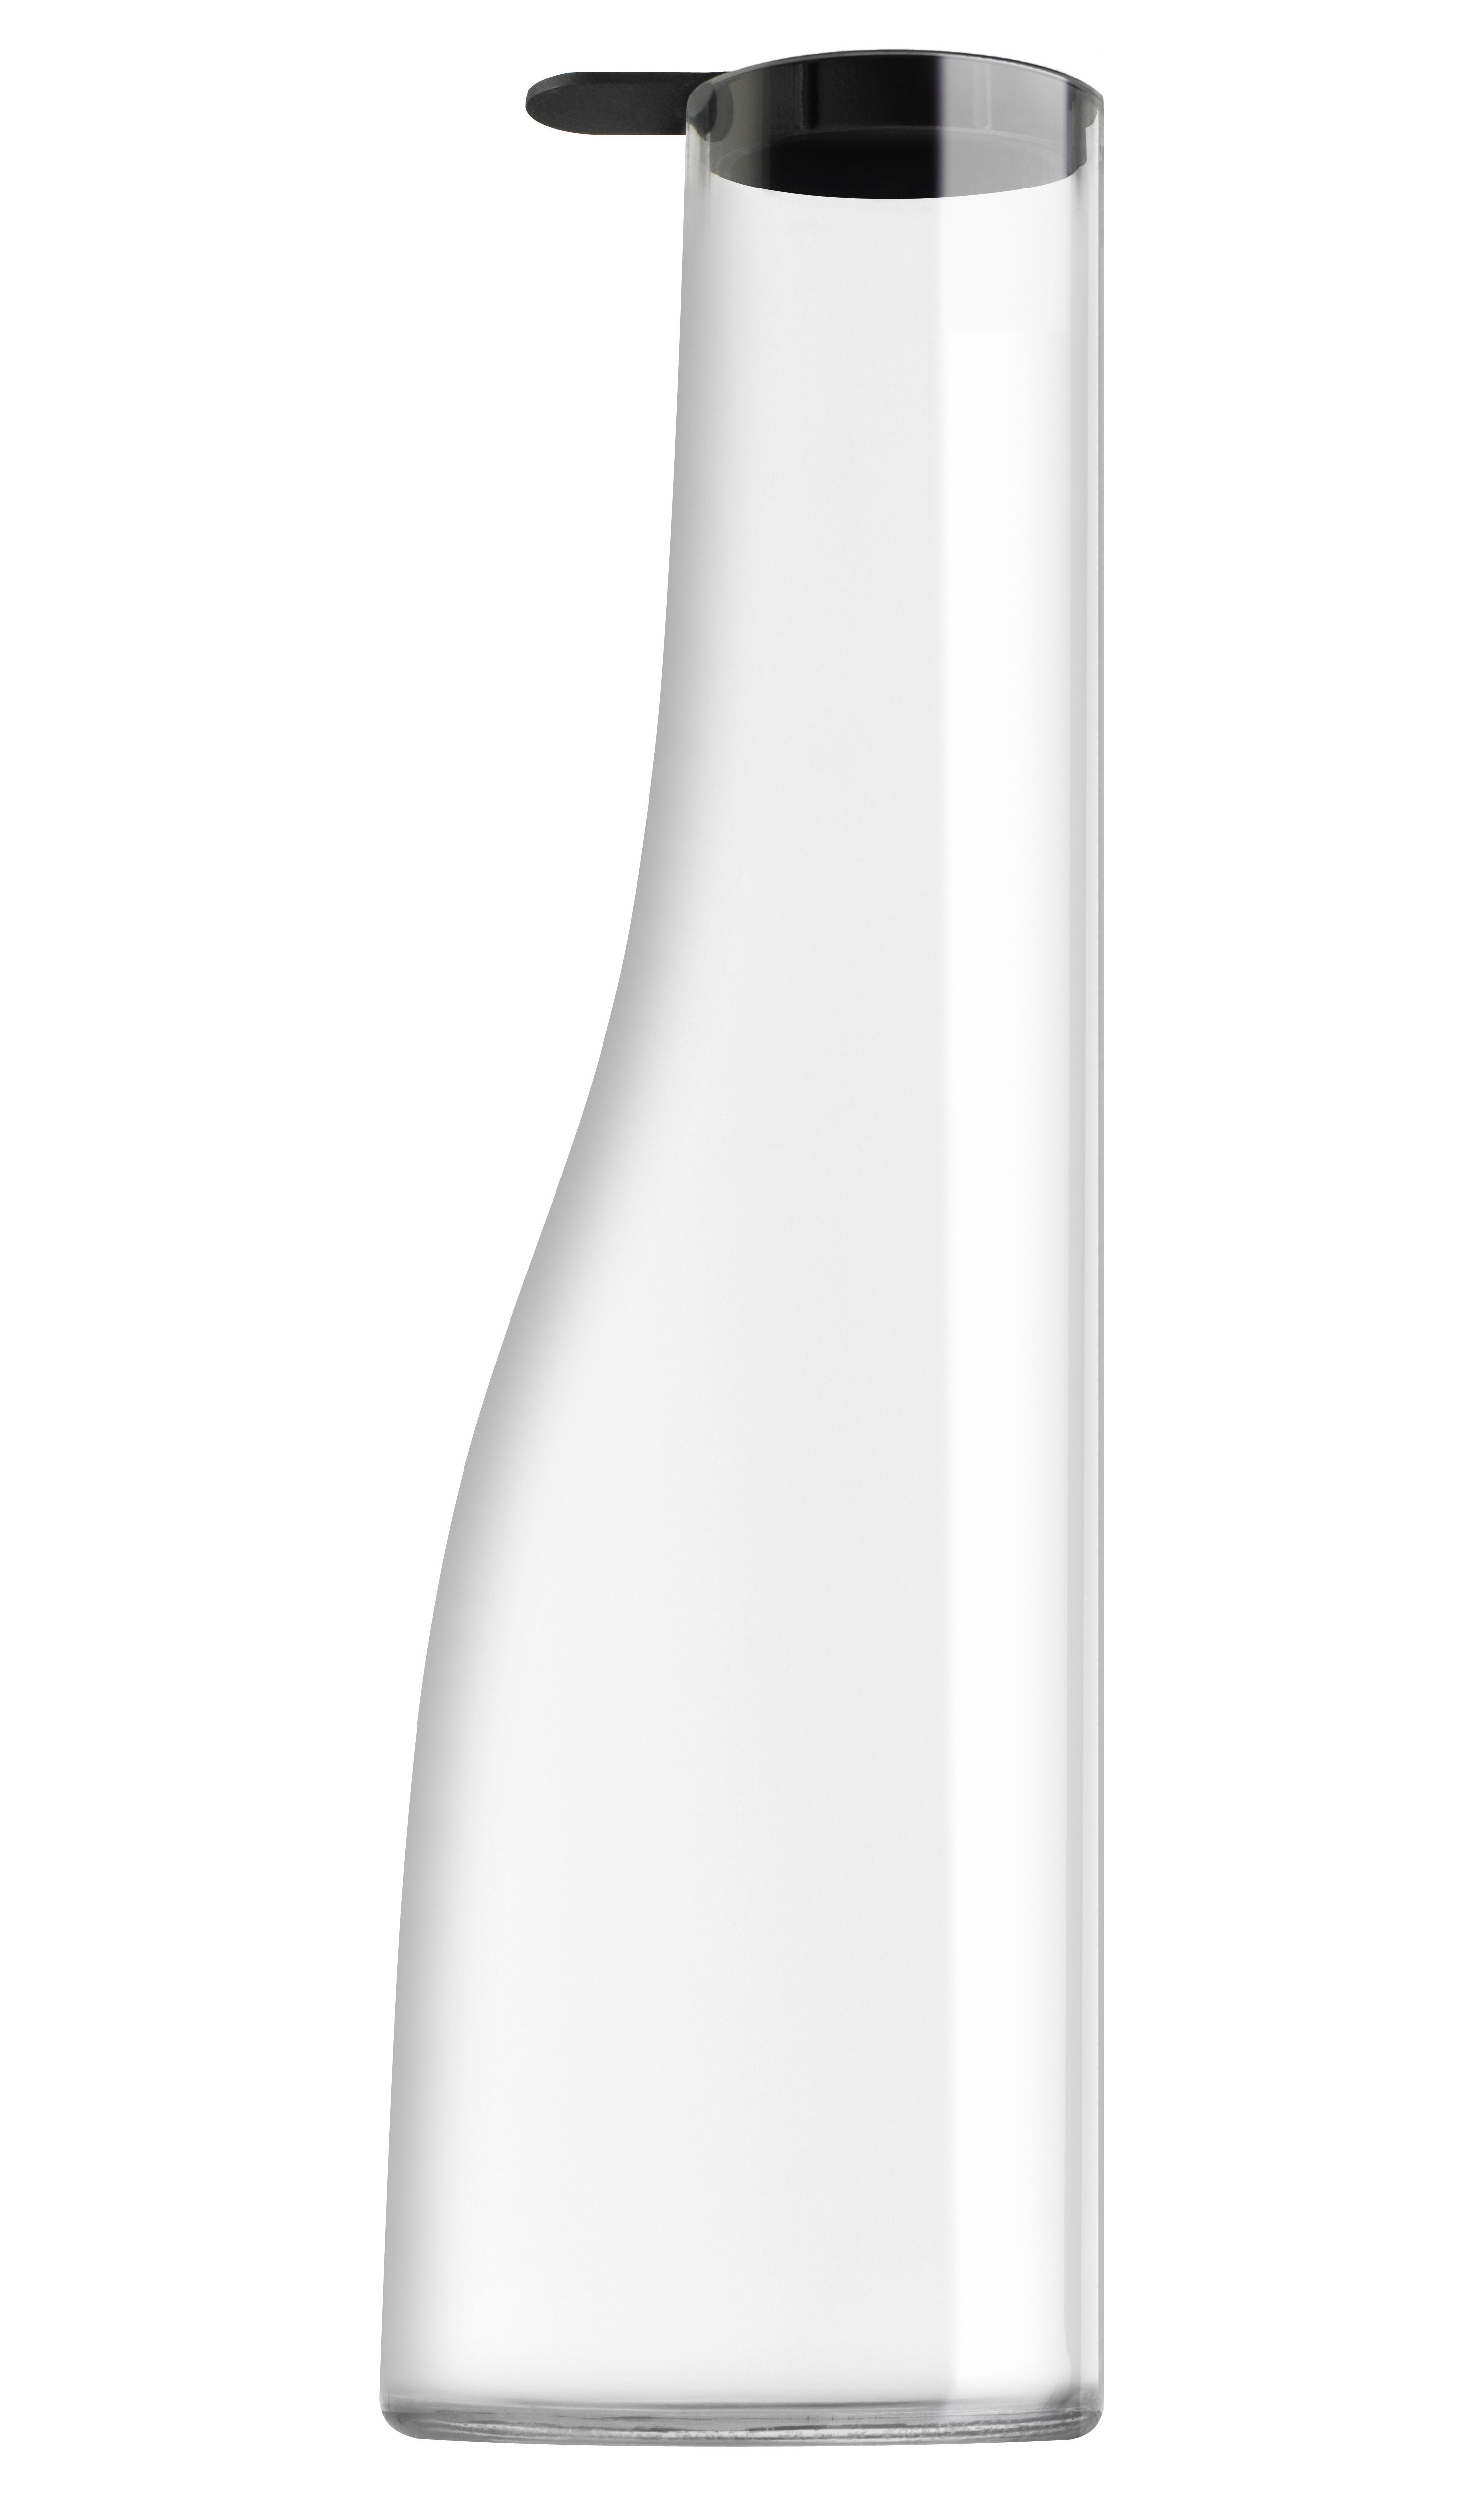 Tavola - Caraffe e Decantatori - Caraffa Vas di Italesse - Trasparente - Plastica, Vetro